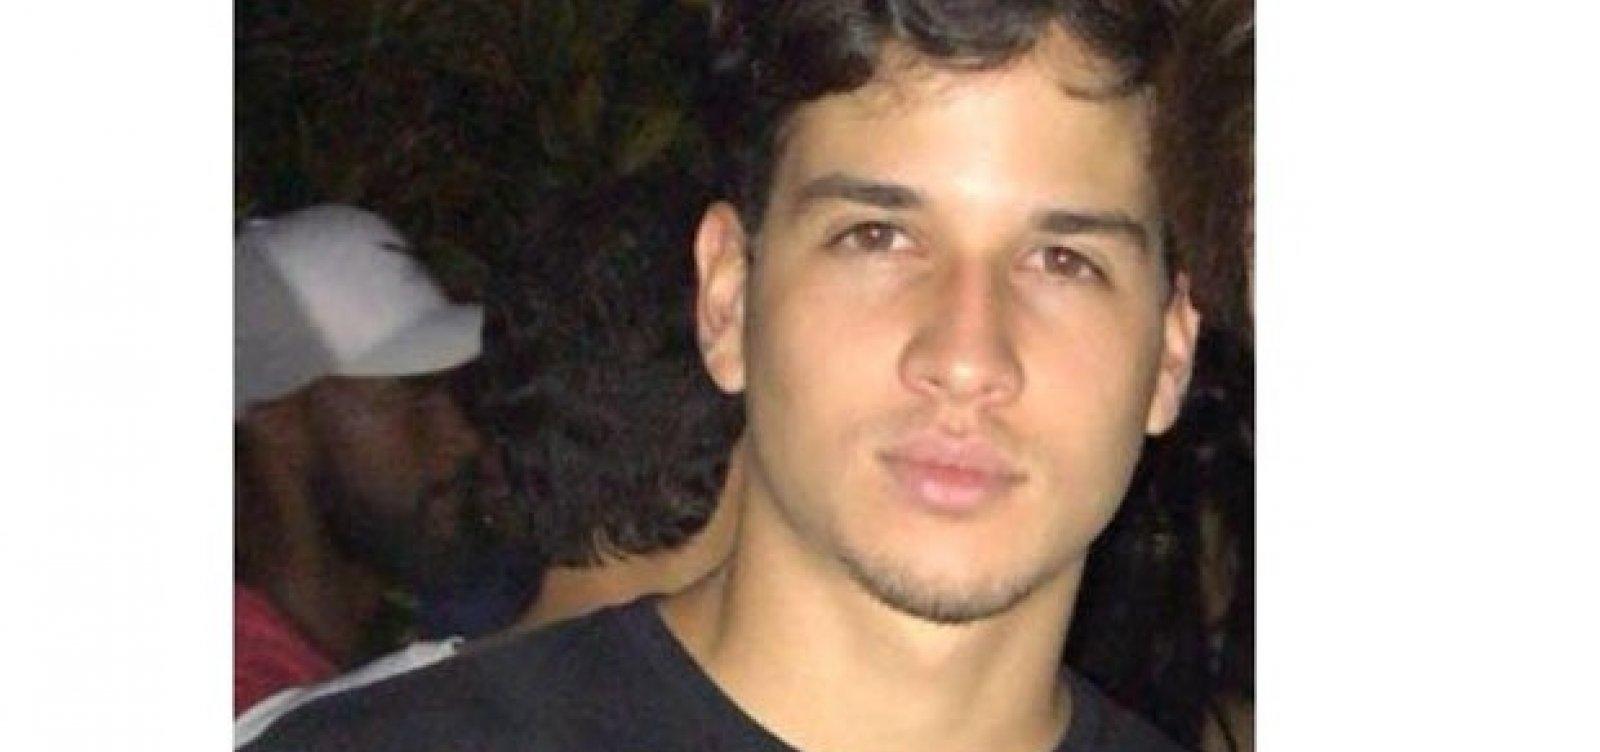 [Jovem agredido após sair de festa em Ondina presta depoimento ao MP-BA]